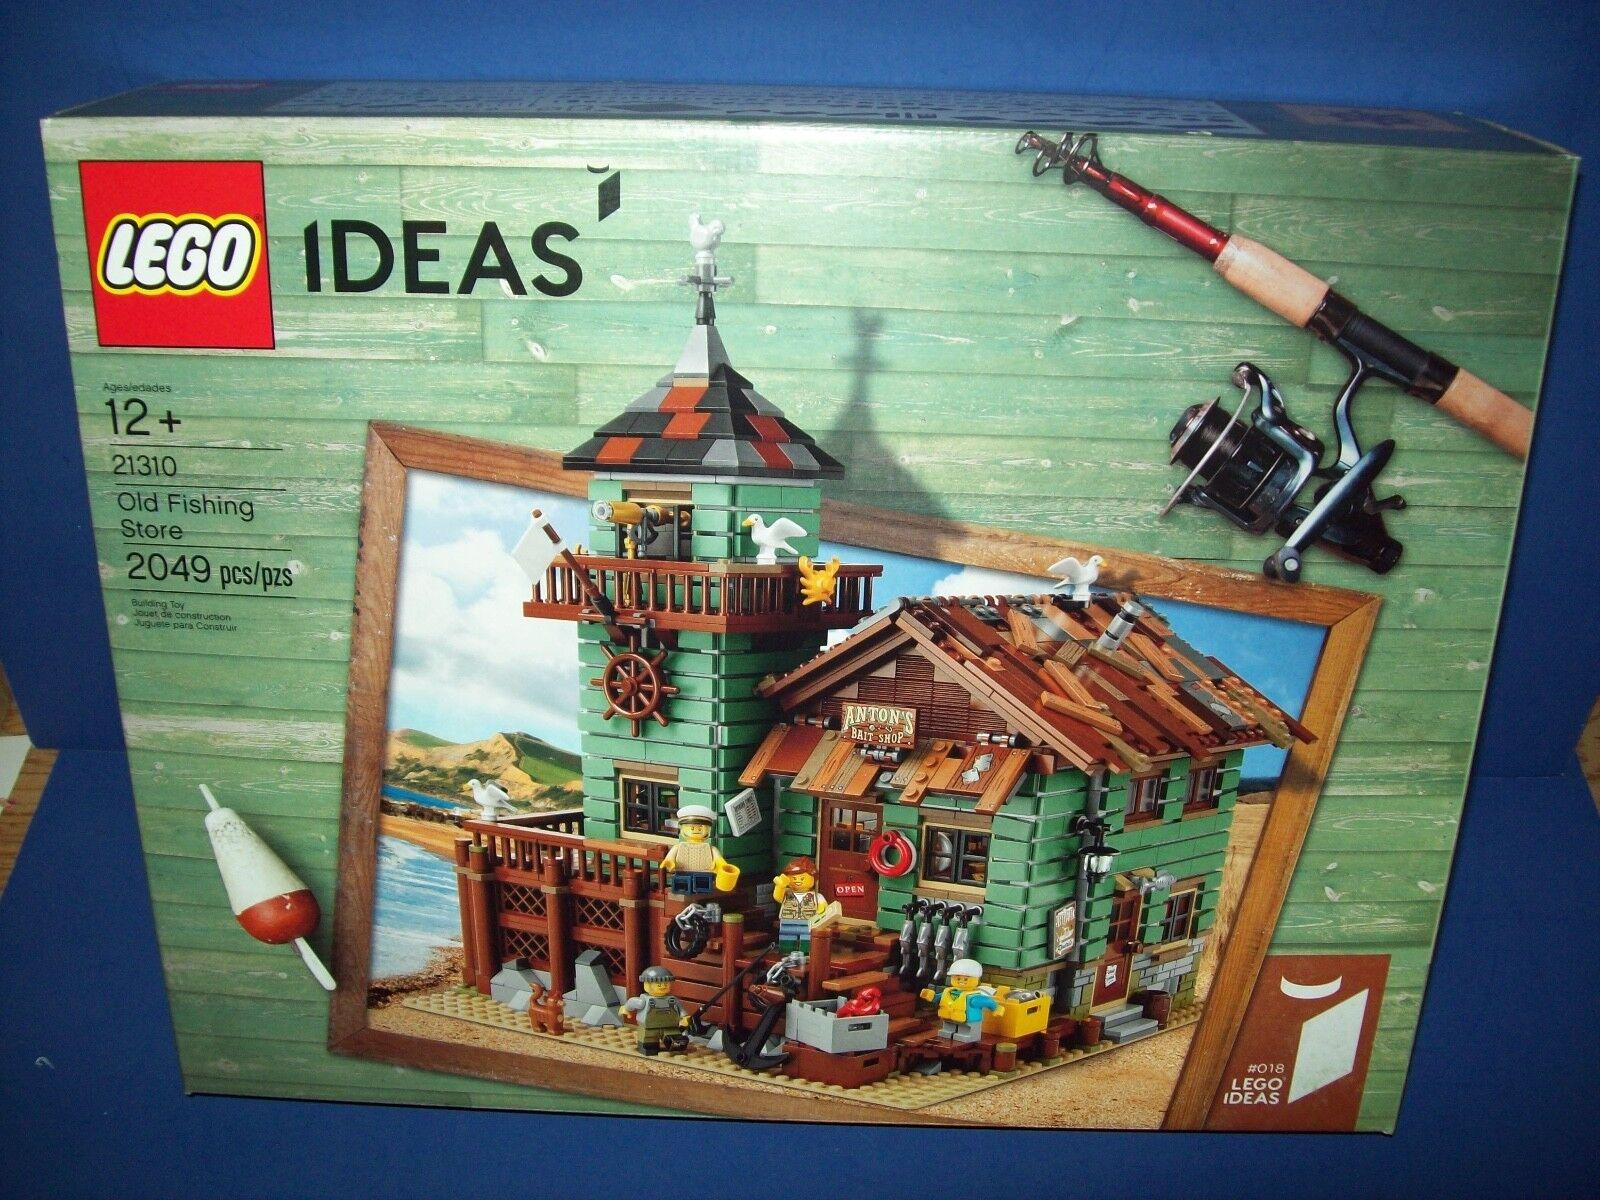 Lego Ideas Cuusso Antiguo Pesca Almacén 21310 Nisb Nuevo, en Caja